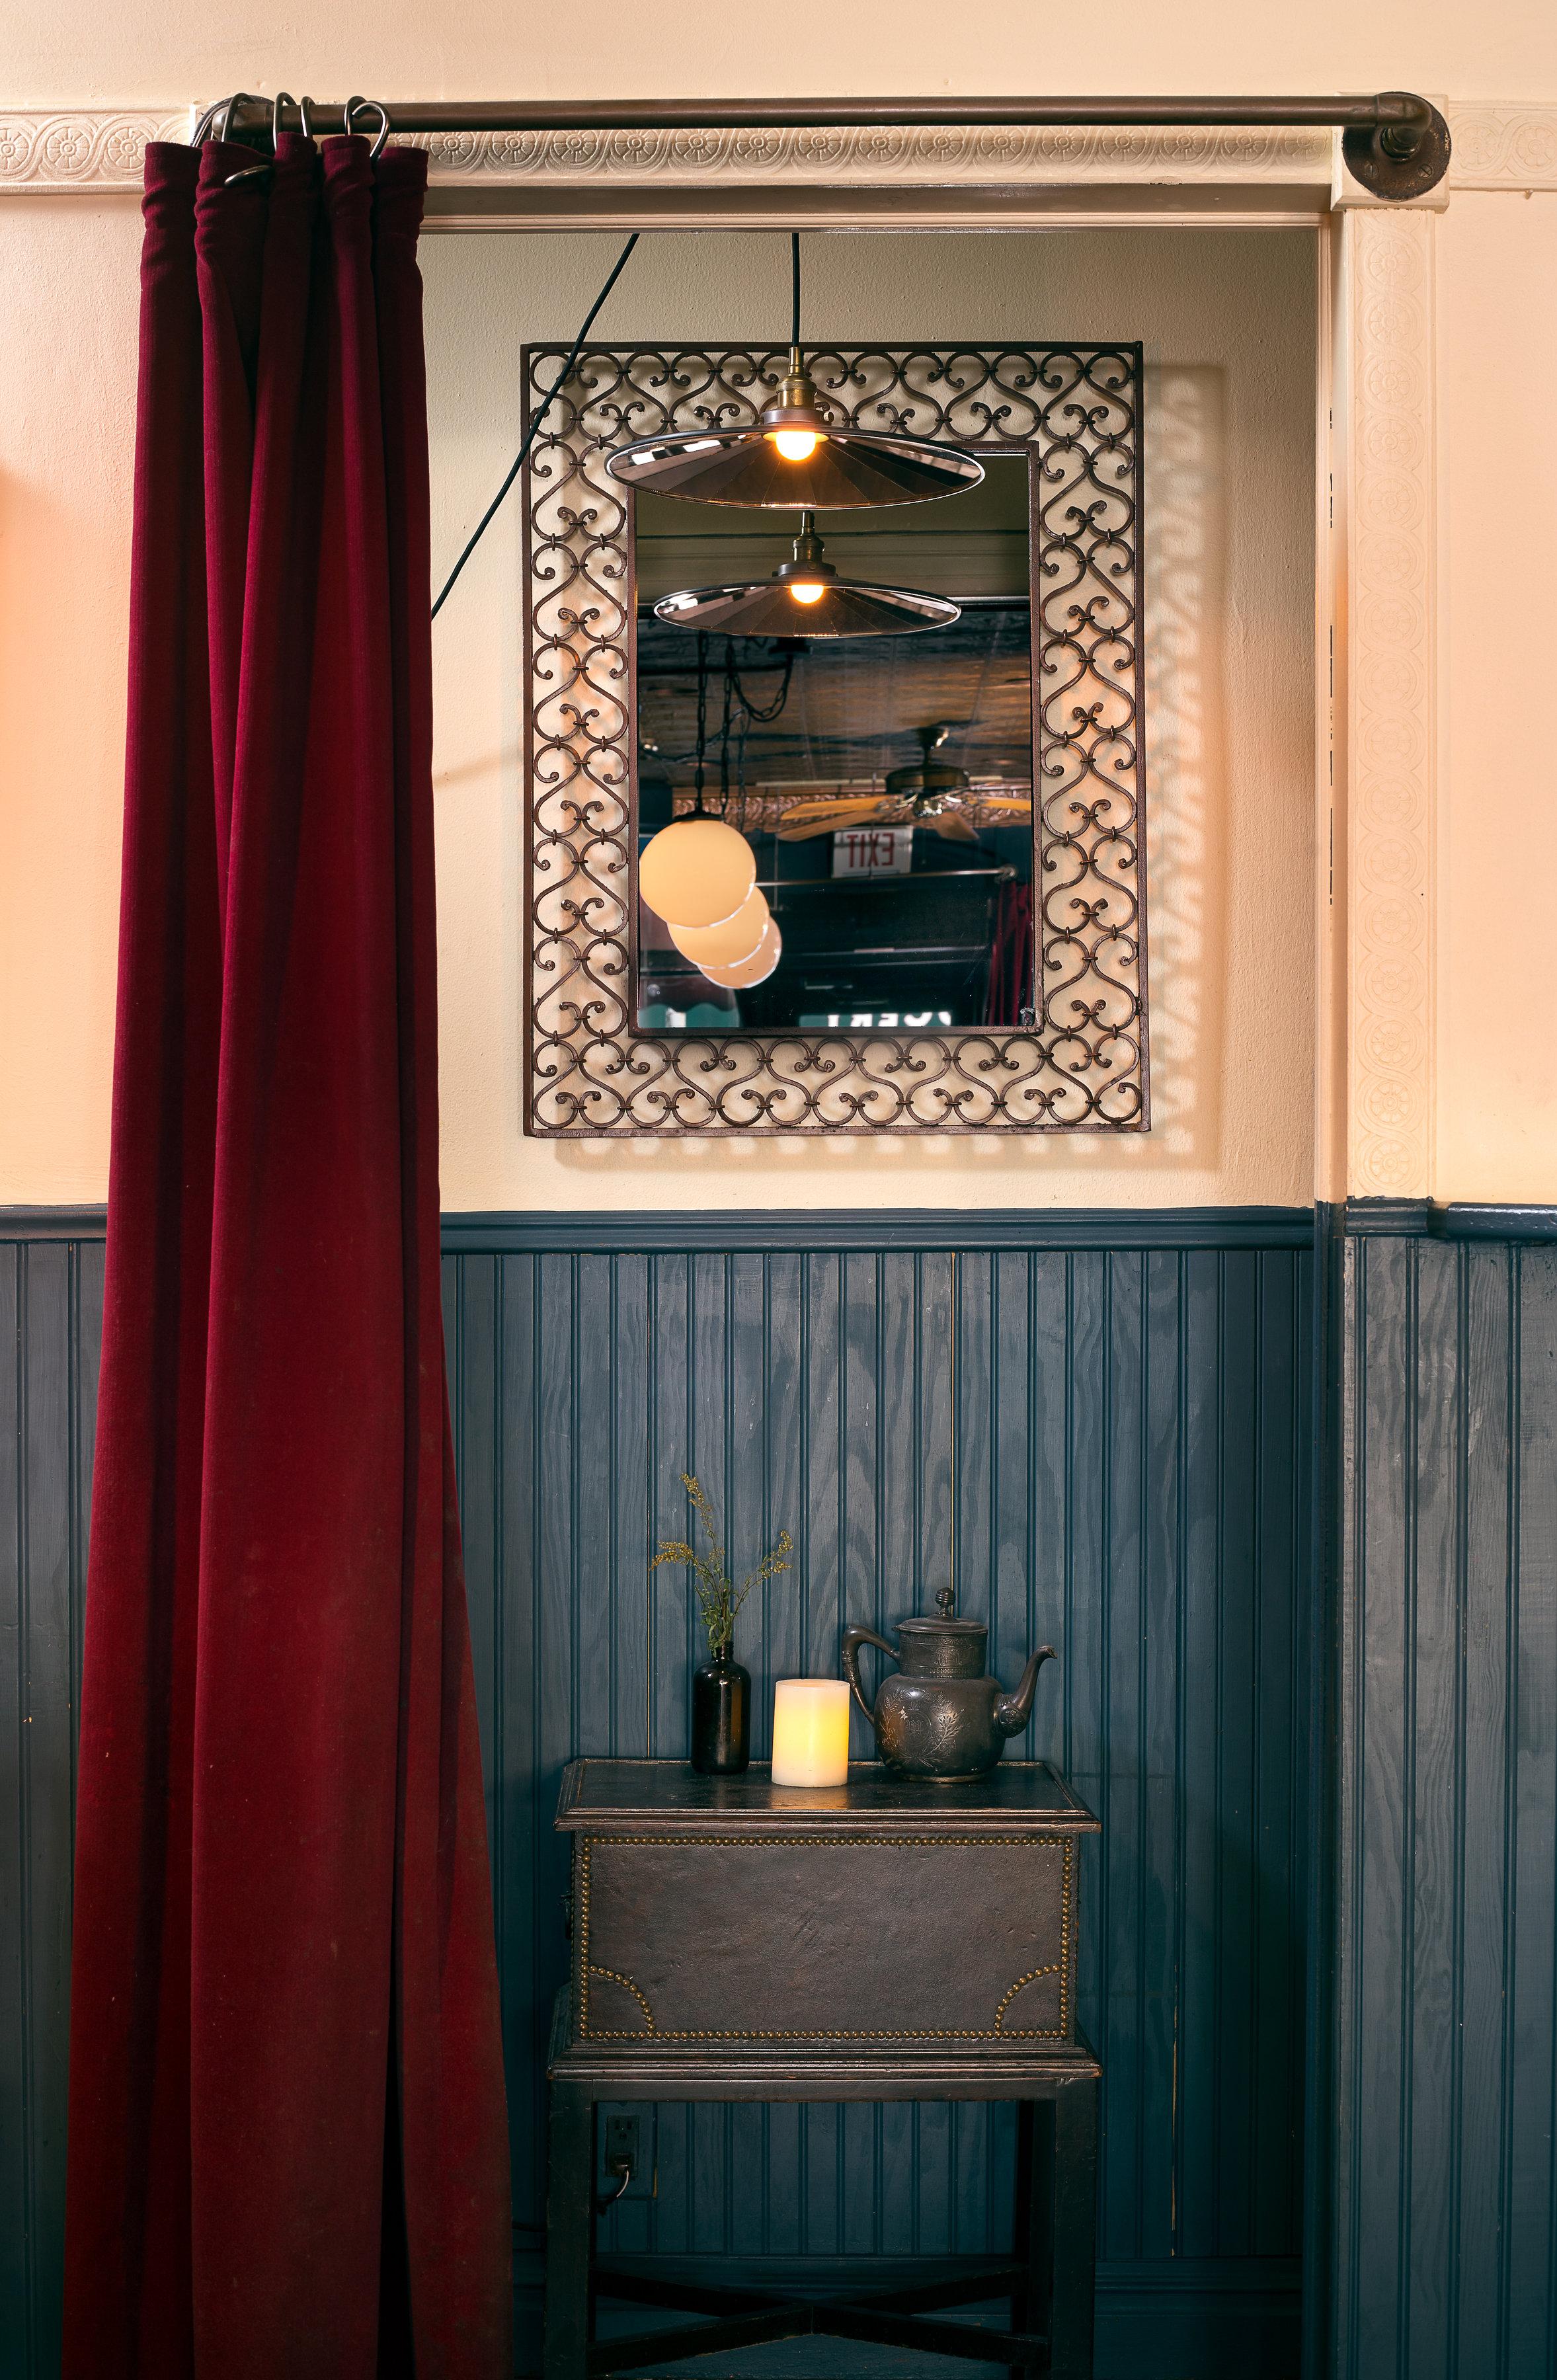 bar_restroom_entrance-1.jpg